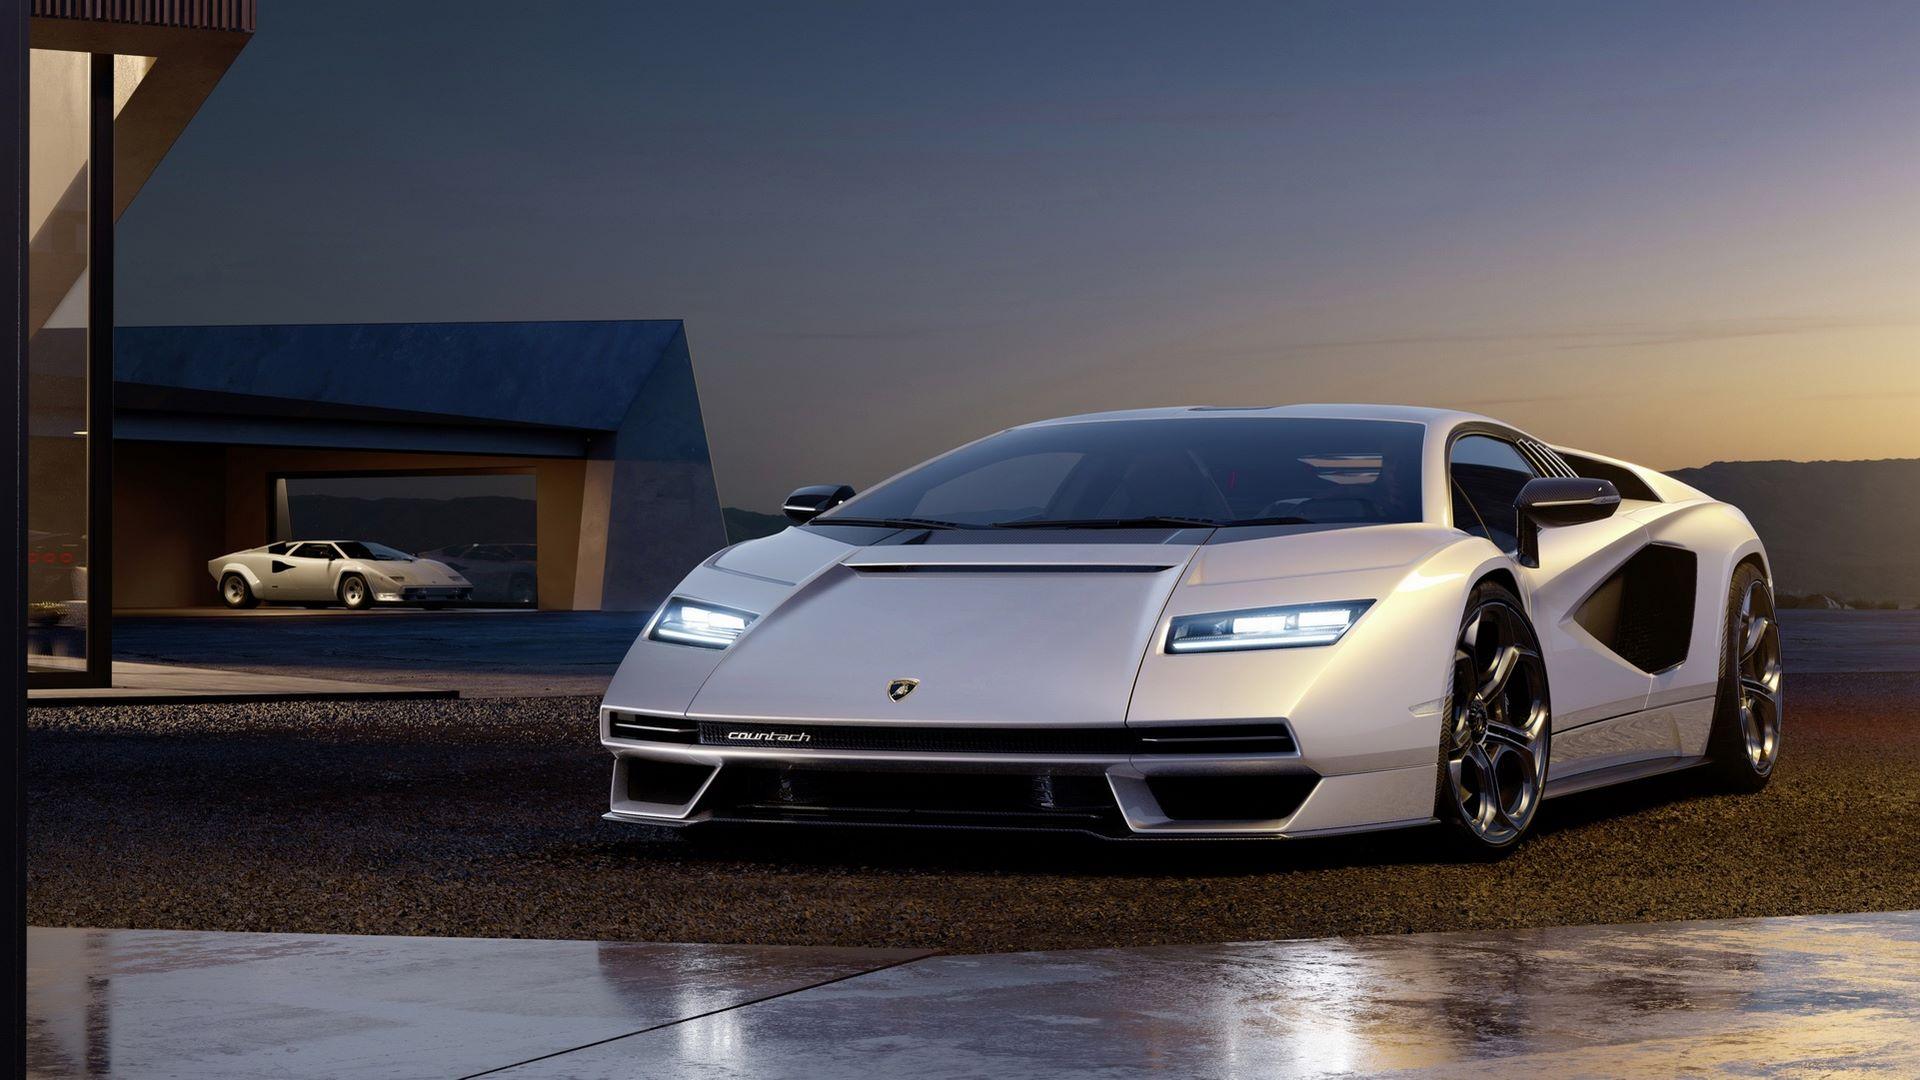 Lamborghini-Countach-LPI-800-4-29